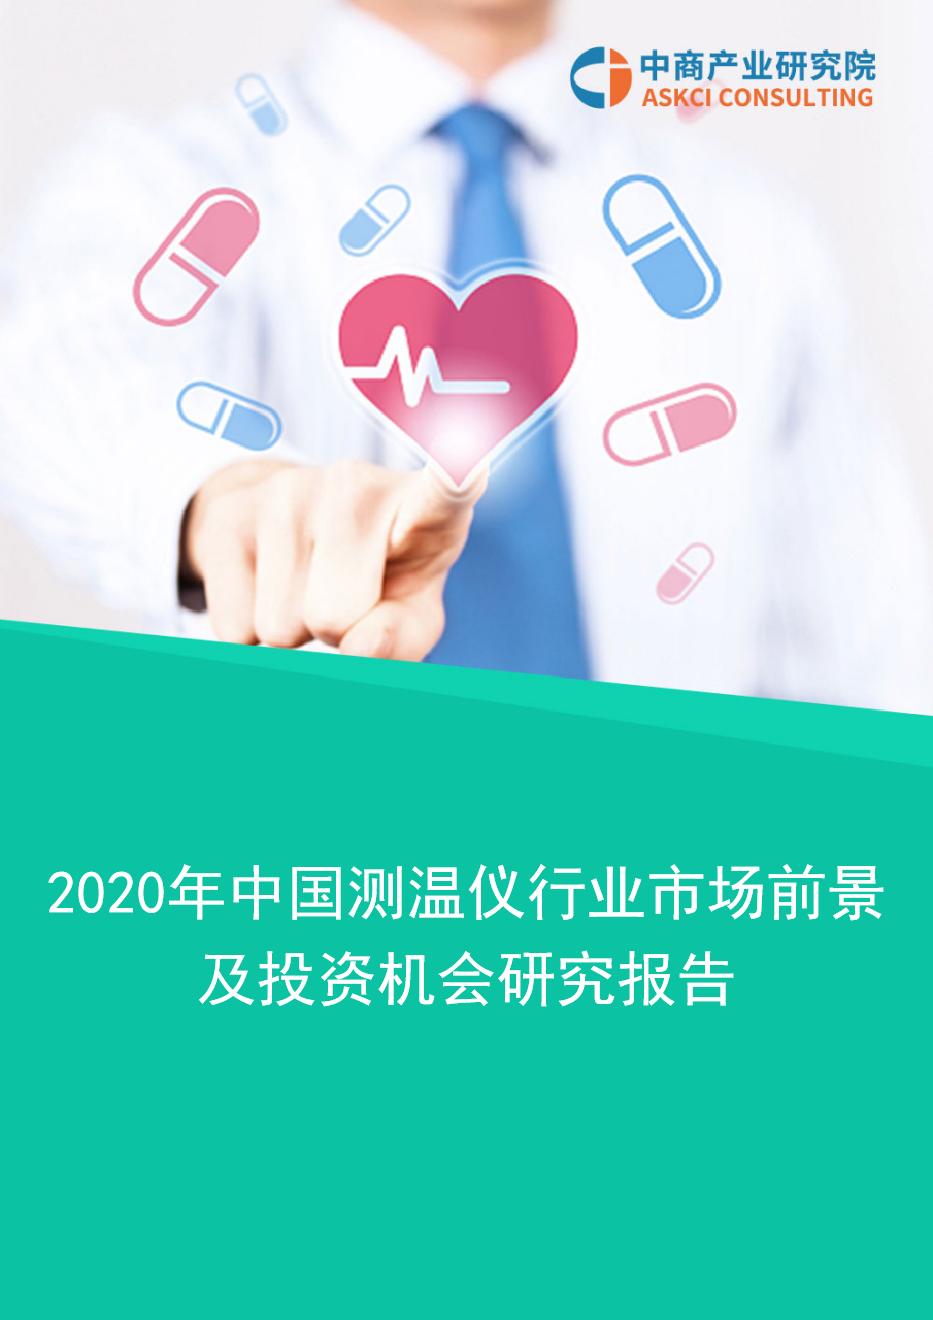 2020年中國測溫儀行業市場前景及投資機會研究報告